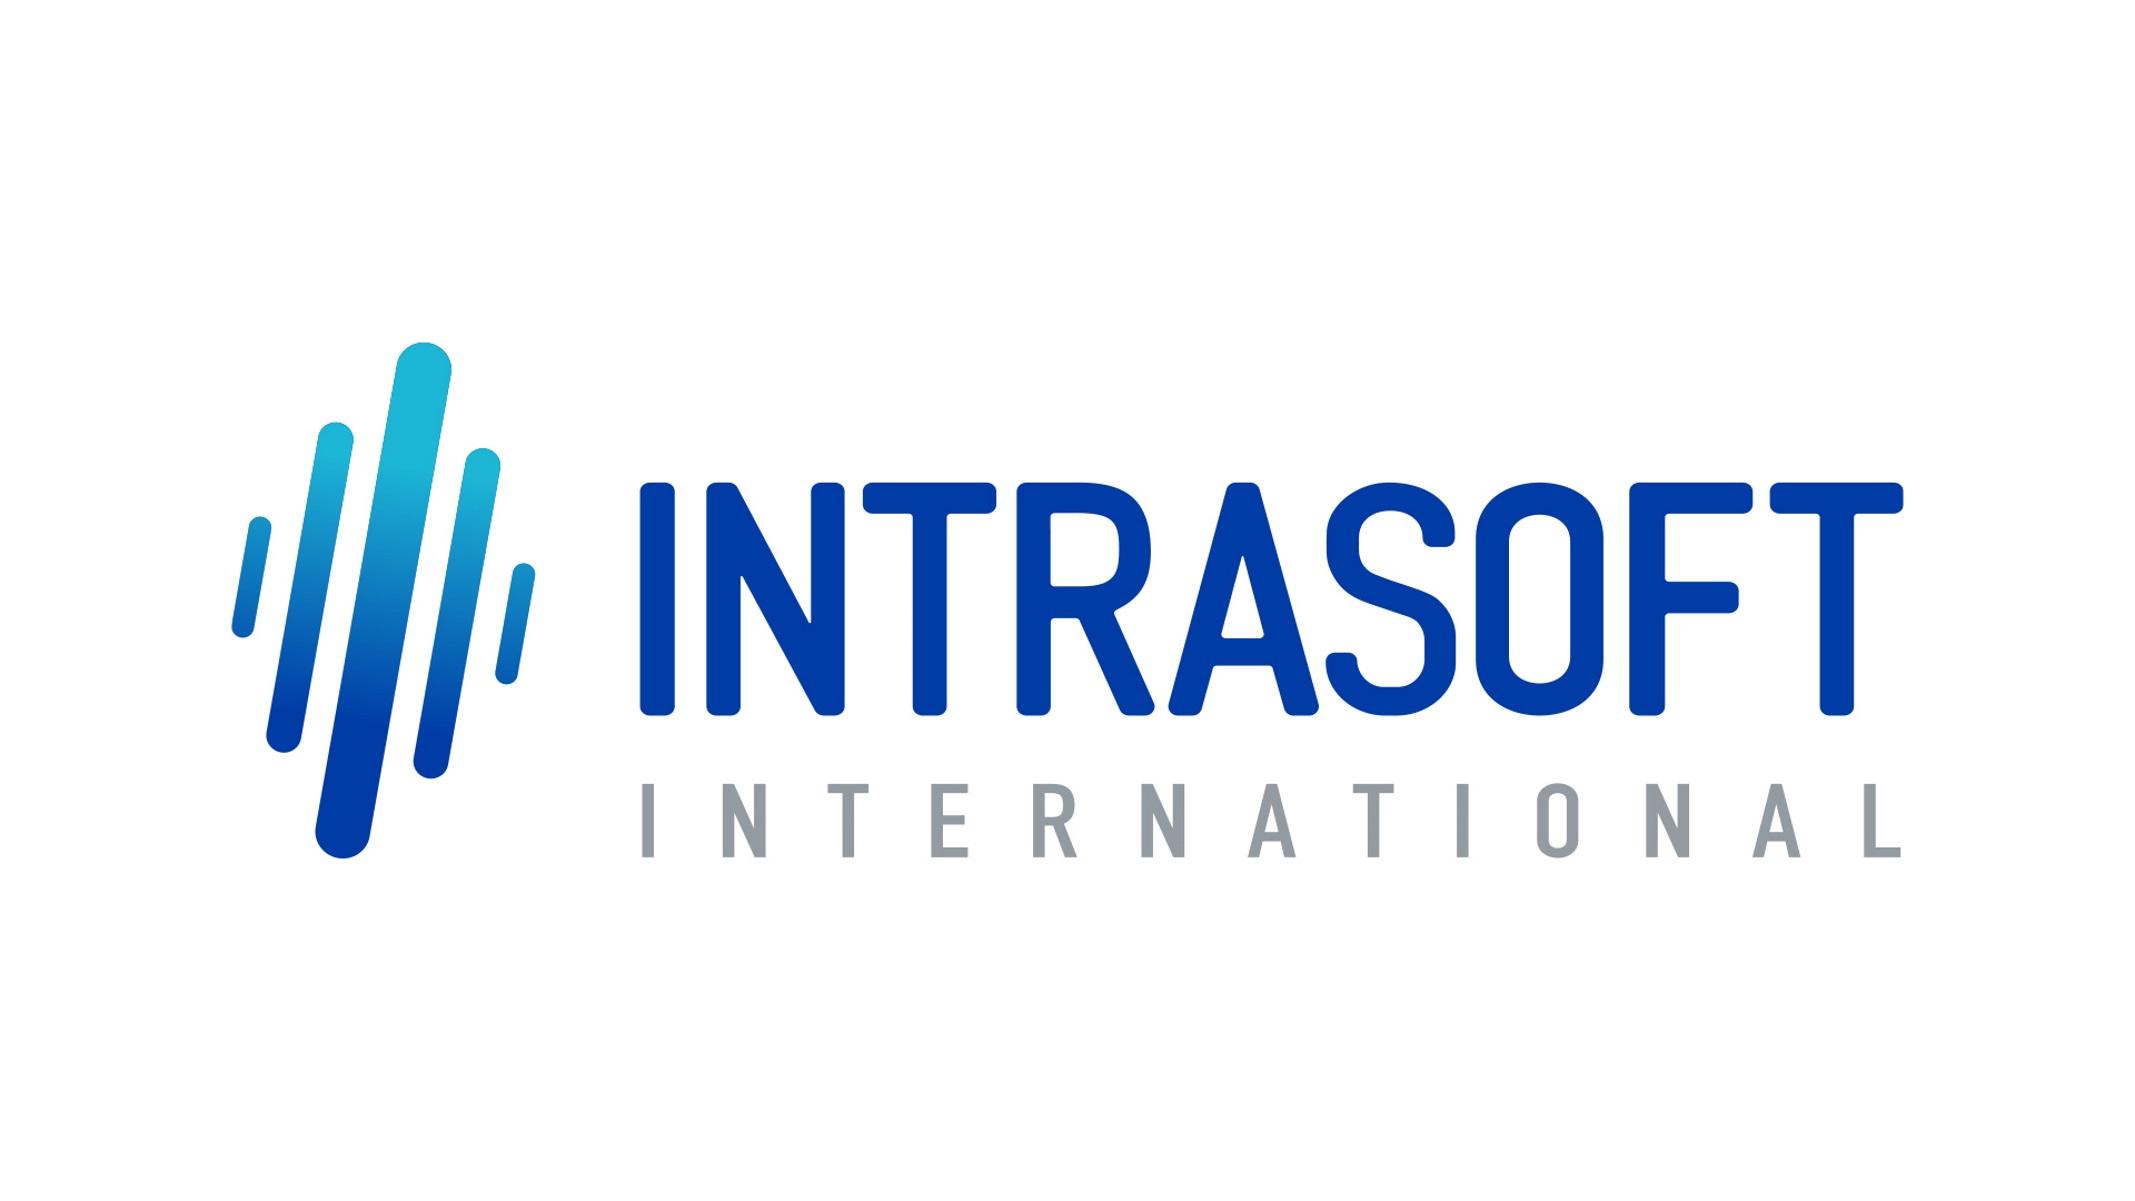 Η Intrasoft πρώτο μέλος του μη κερδοσκοπικού οργανισμού BIAN στην Ελλάδα